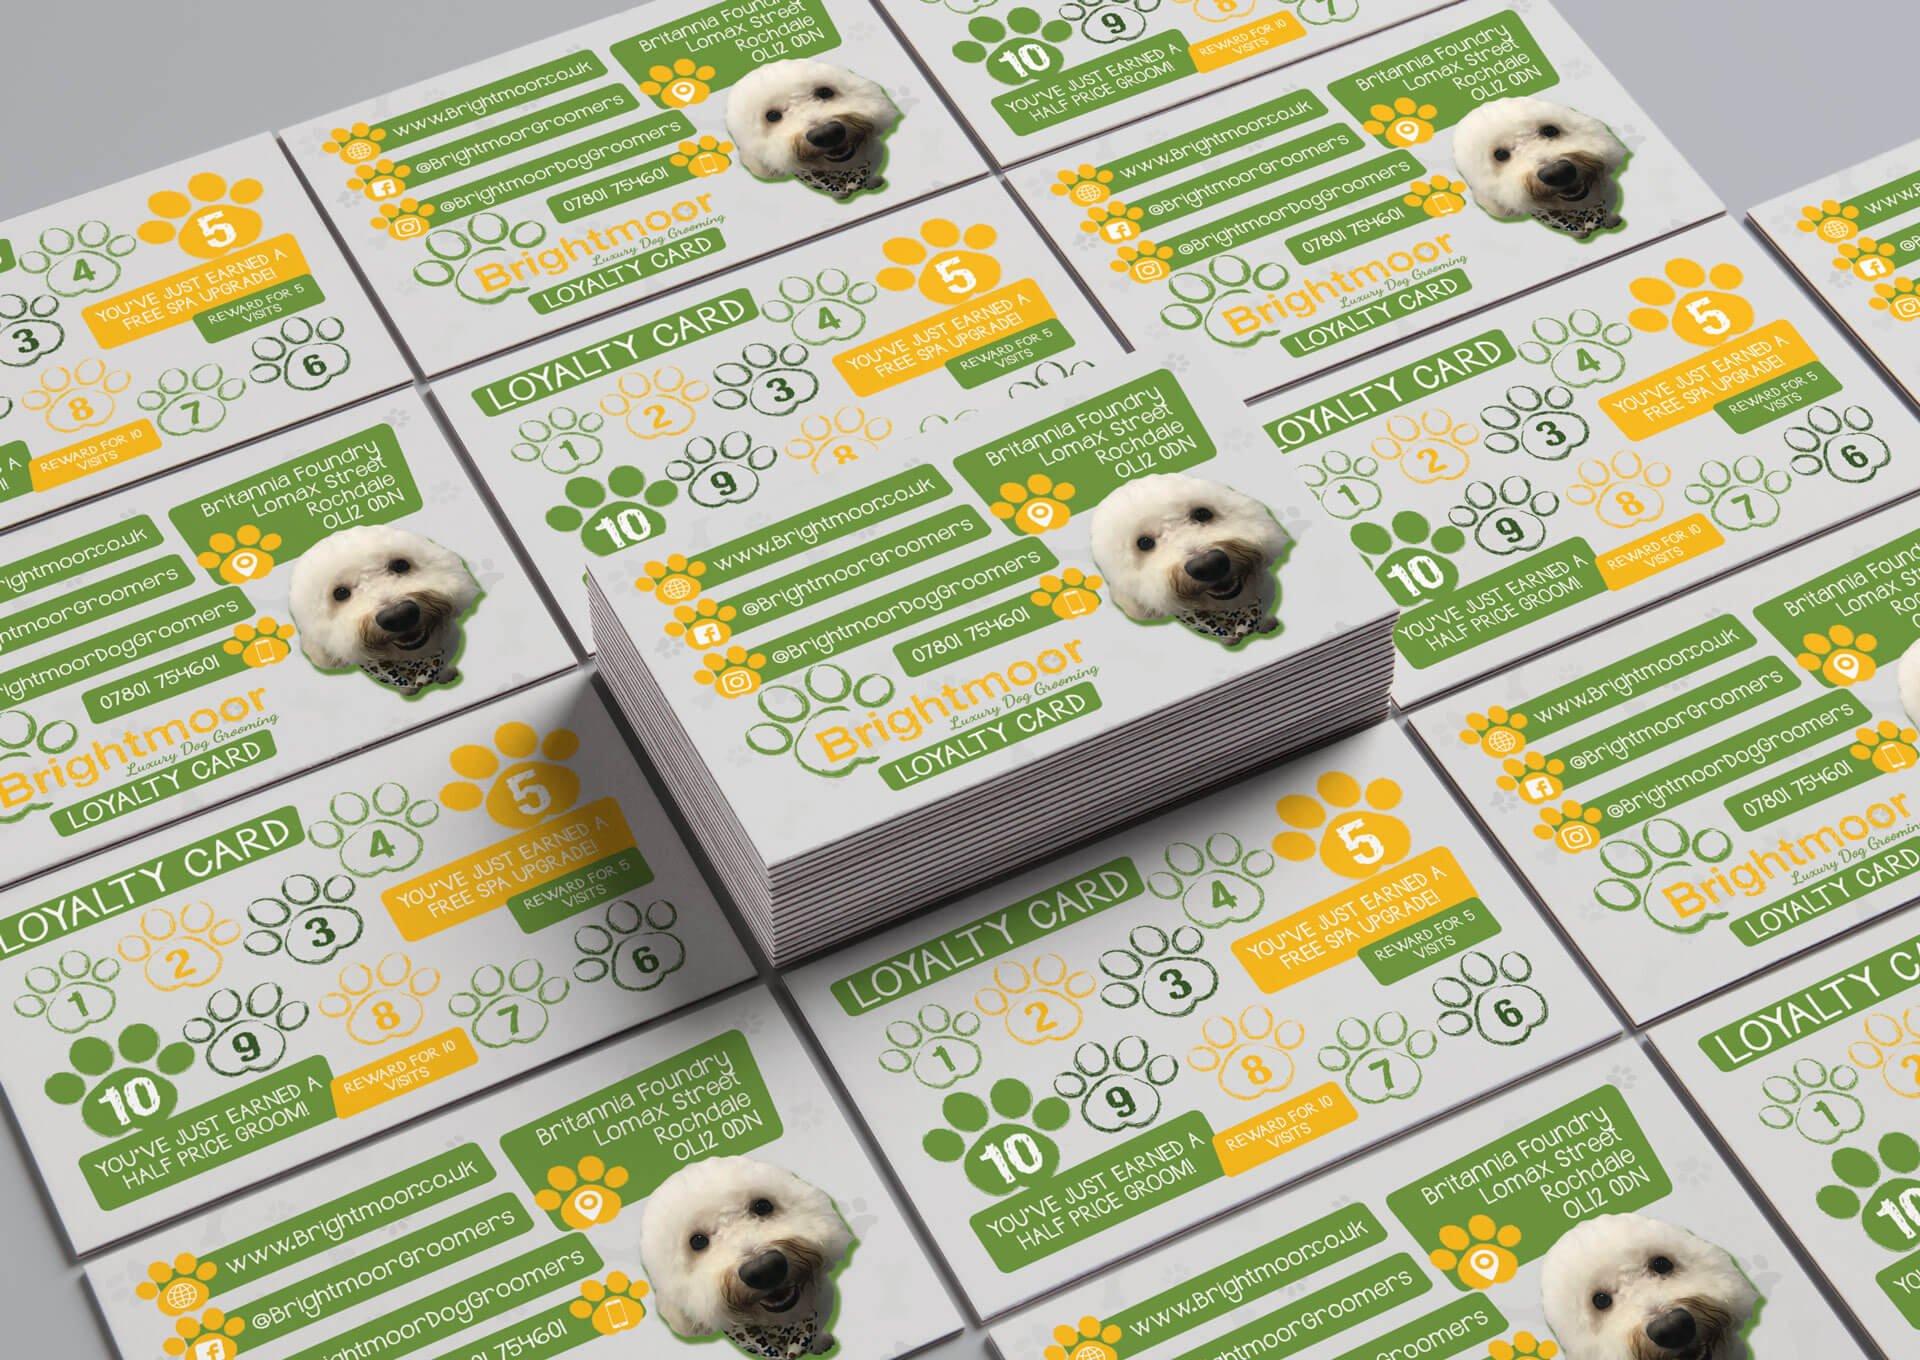 Brightmoor Luxury Dog Grooming Loyalty Card Design